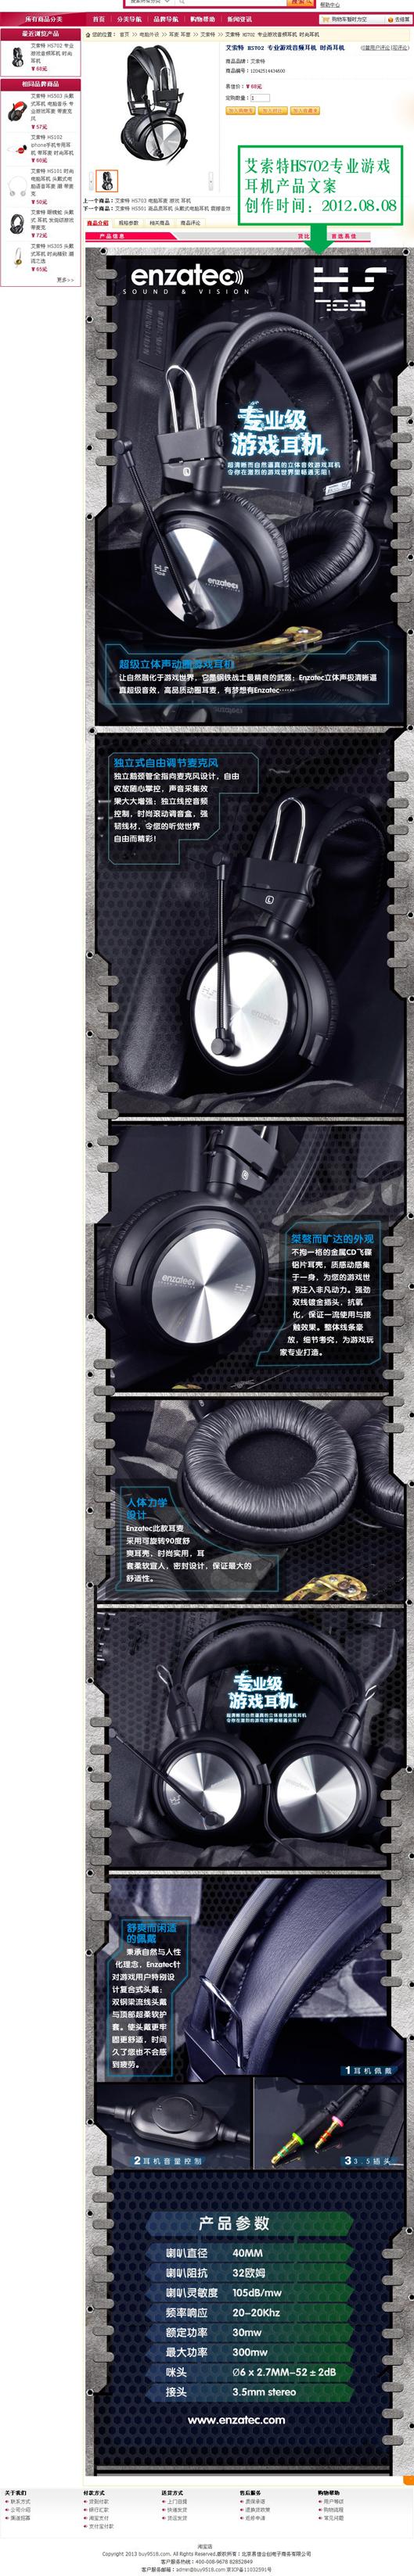 艾索特HS702专业游戏耳机产品文案